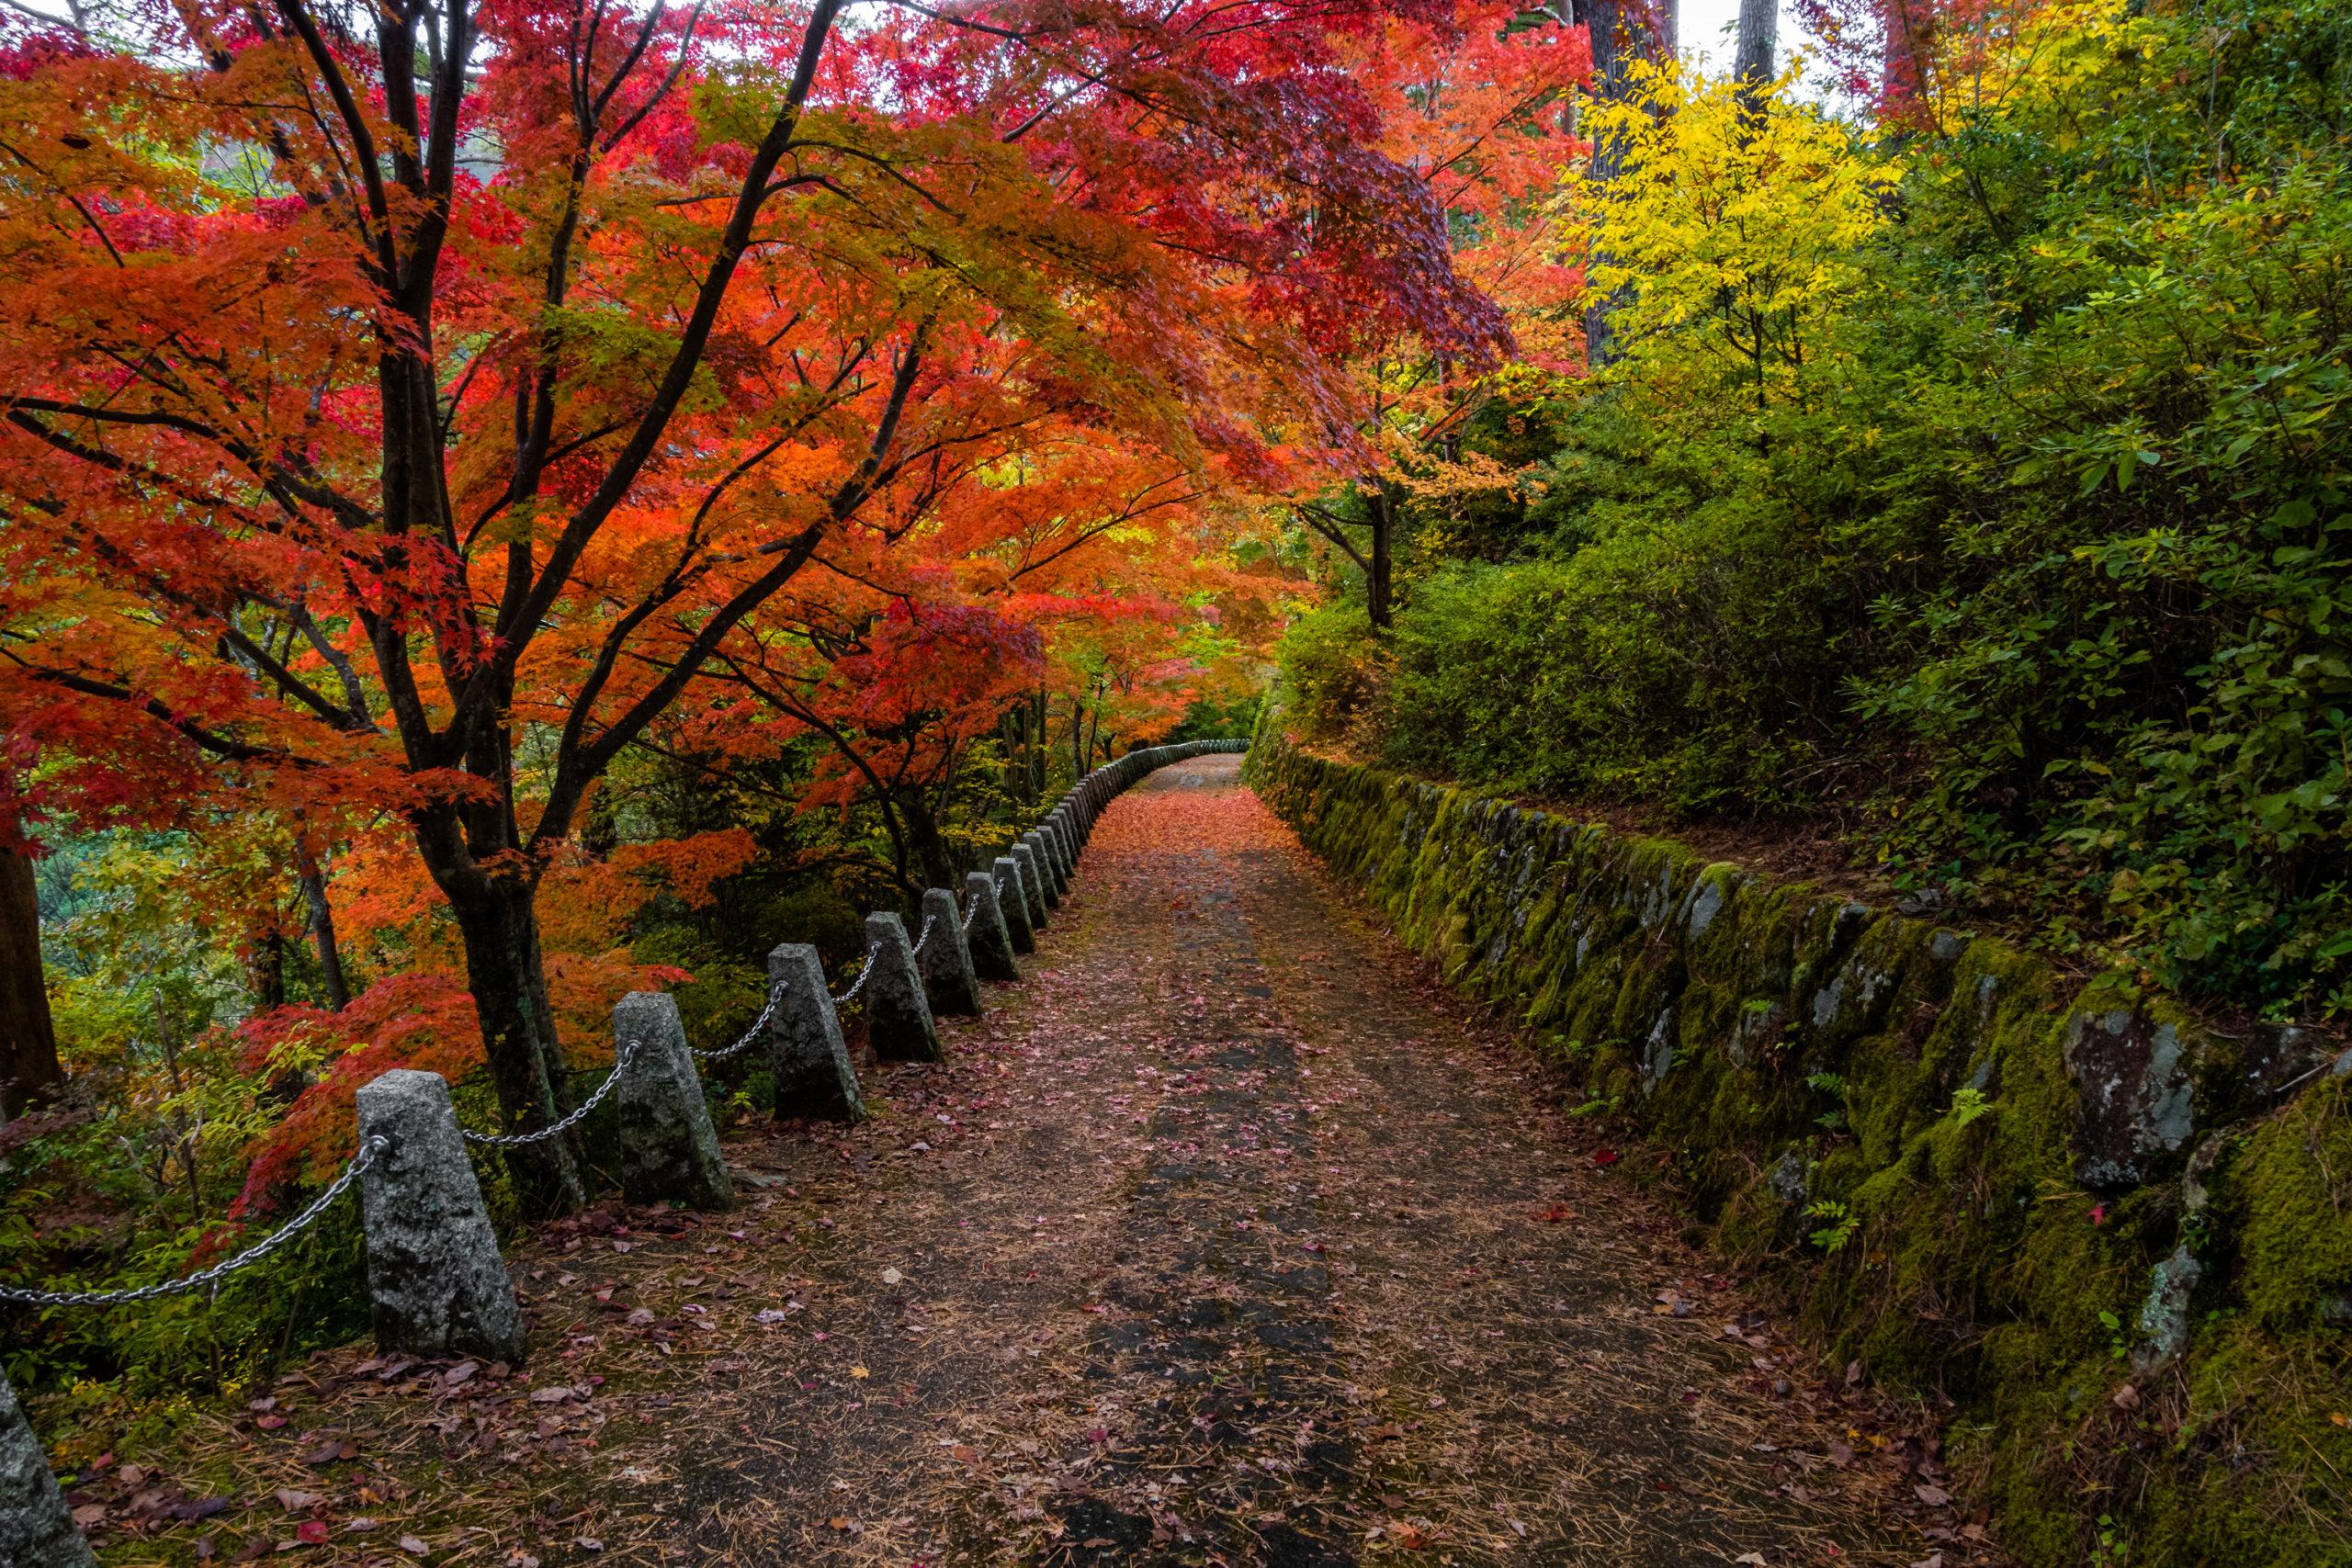 DSC00067-scaled 奈良県  吉野山(山が紅葉に染まる秋におすすめの絶景スポット! 撮影した写真の紹介、アクセス情報や駐車場情報など)